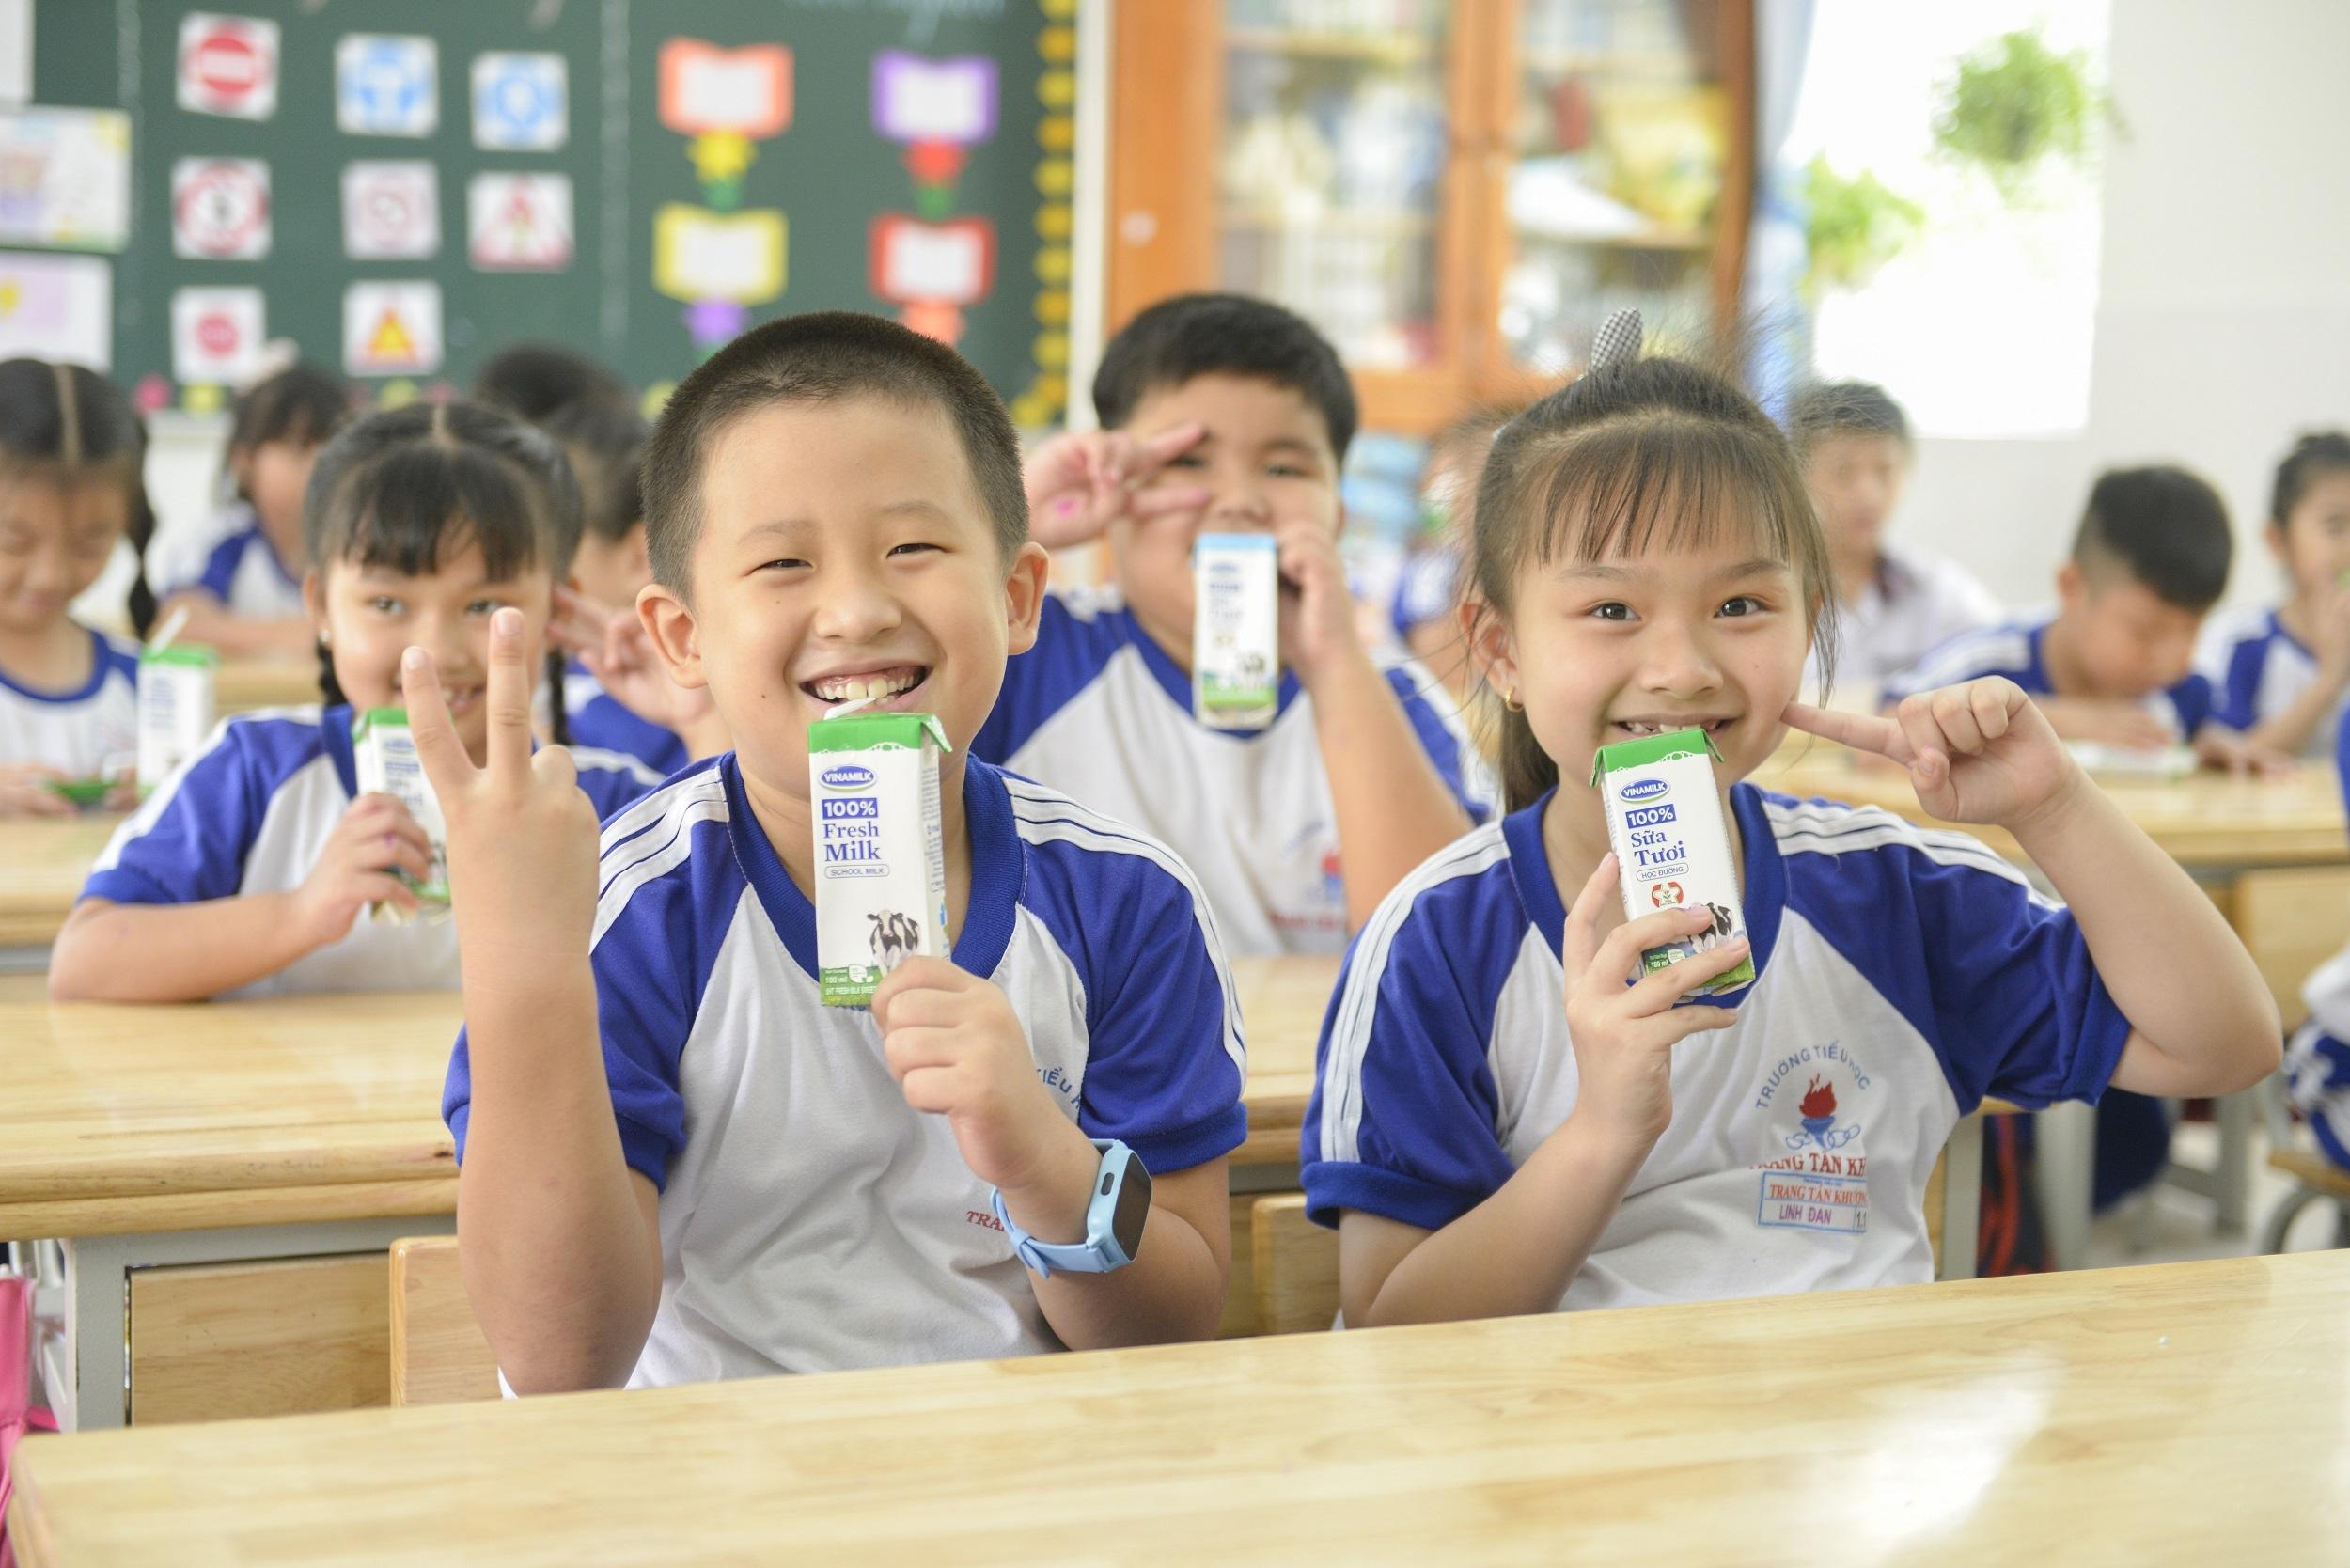 Chương trình Sữa học đường   Nỗ lực chăm sóc dinh dưỡng vì sự phát triển của trẻ em trên toàn cầu